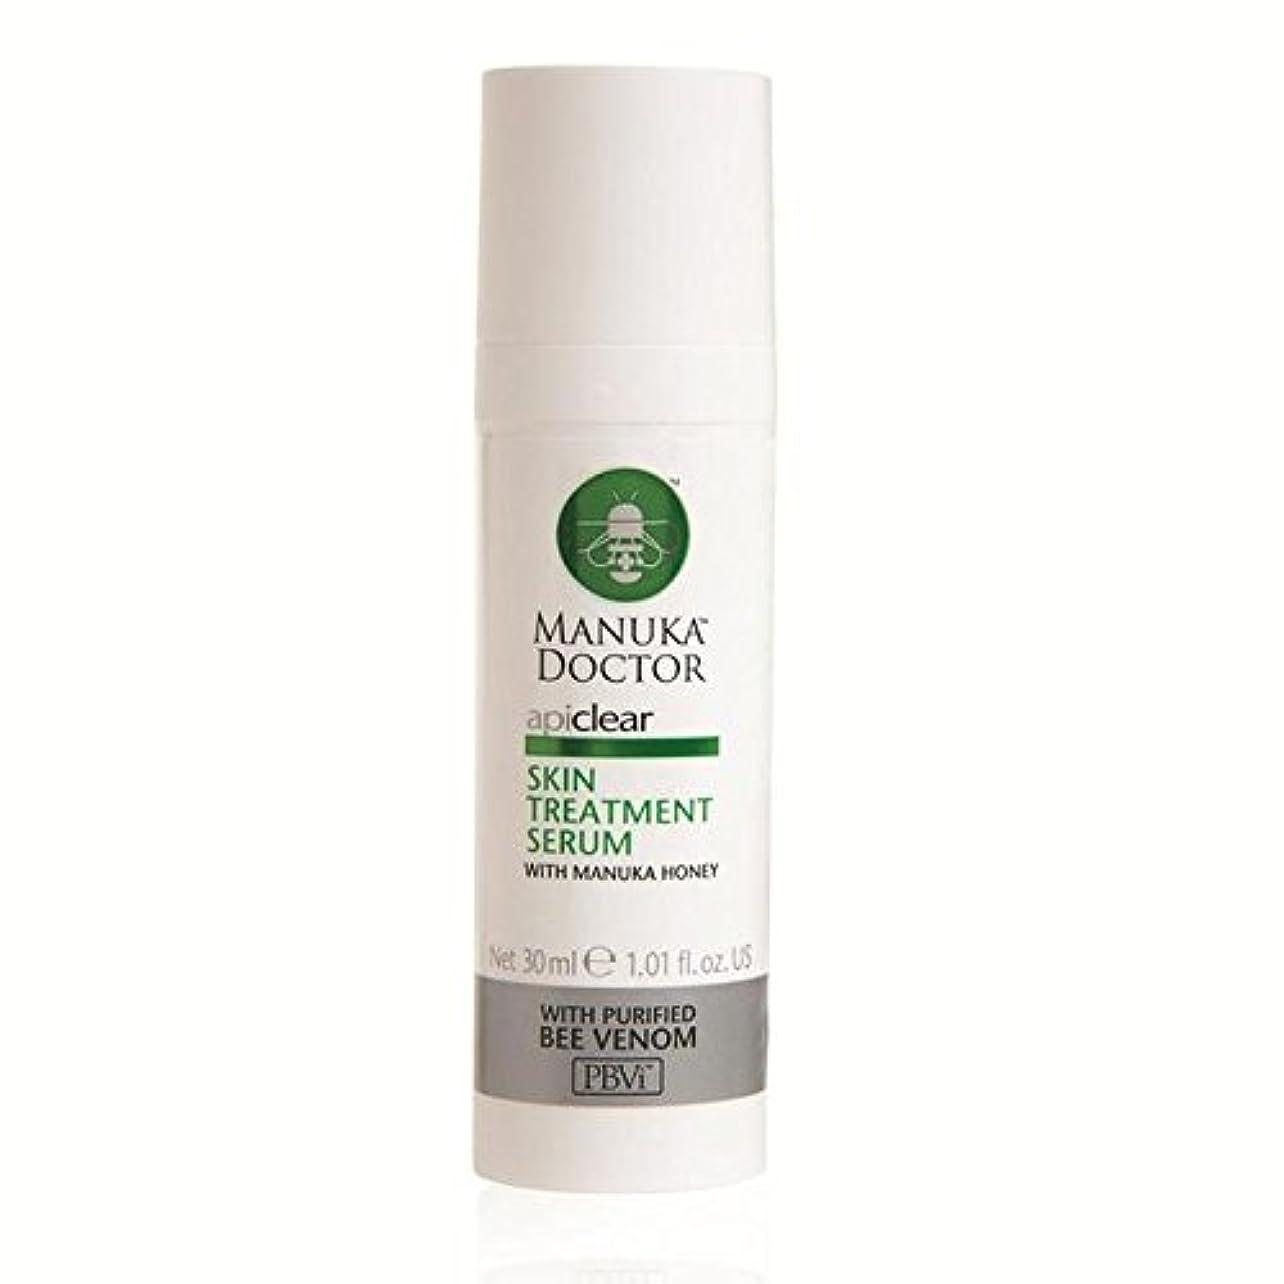 彫刻家化合物あなたのものマヌカドクターをクリアスキントリートメントセラム30 x4 - Manuka Doctor Api Clear Skin Treatment Serum 30ml (Pack of 4) [並行輸入品]